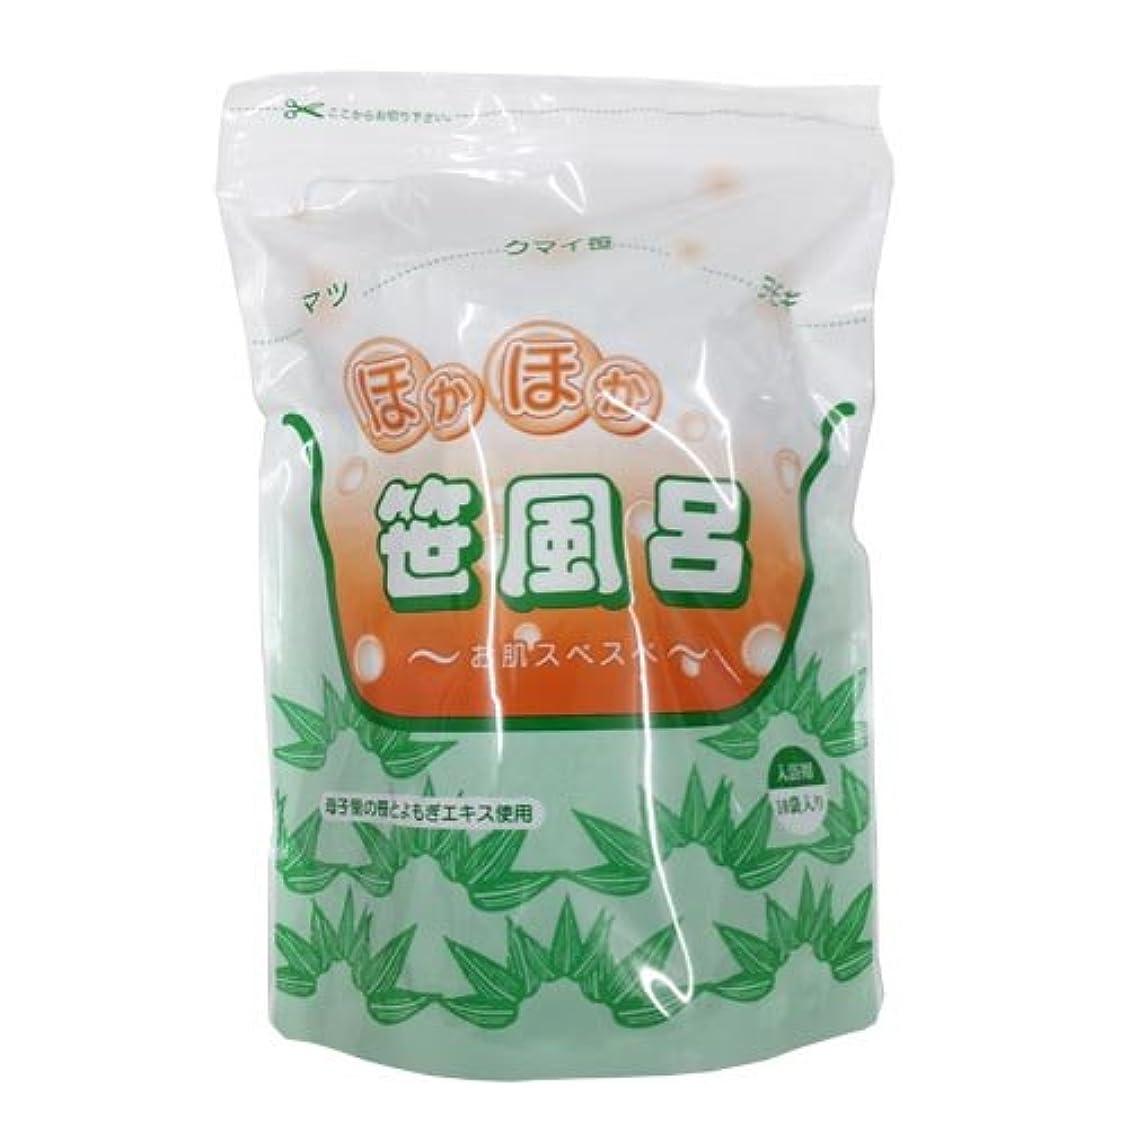 仕立て屋円周市区町村ほかほか笹風呂 20g×10袋